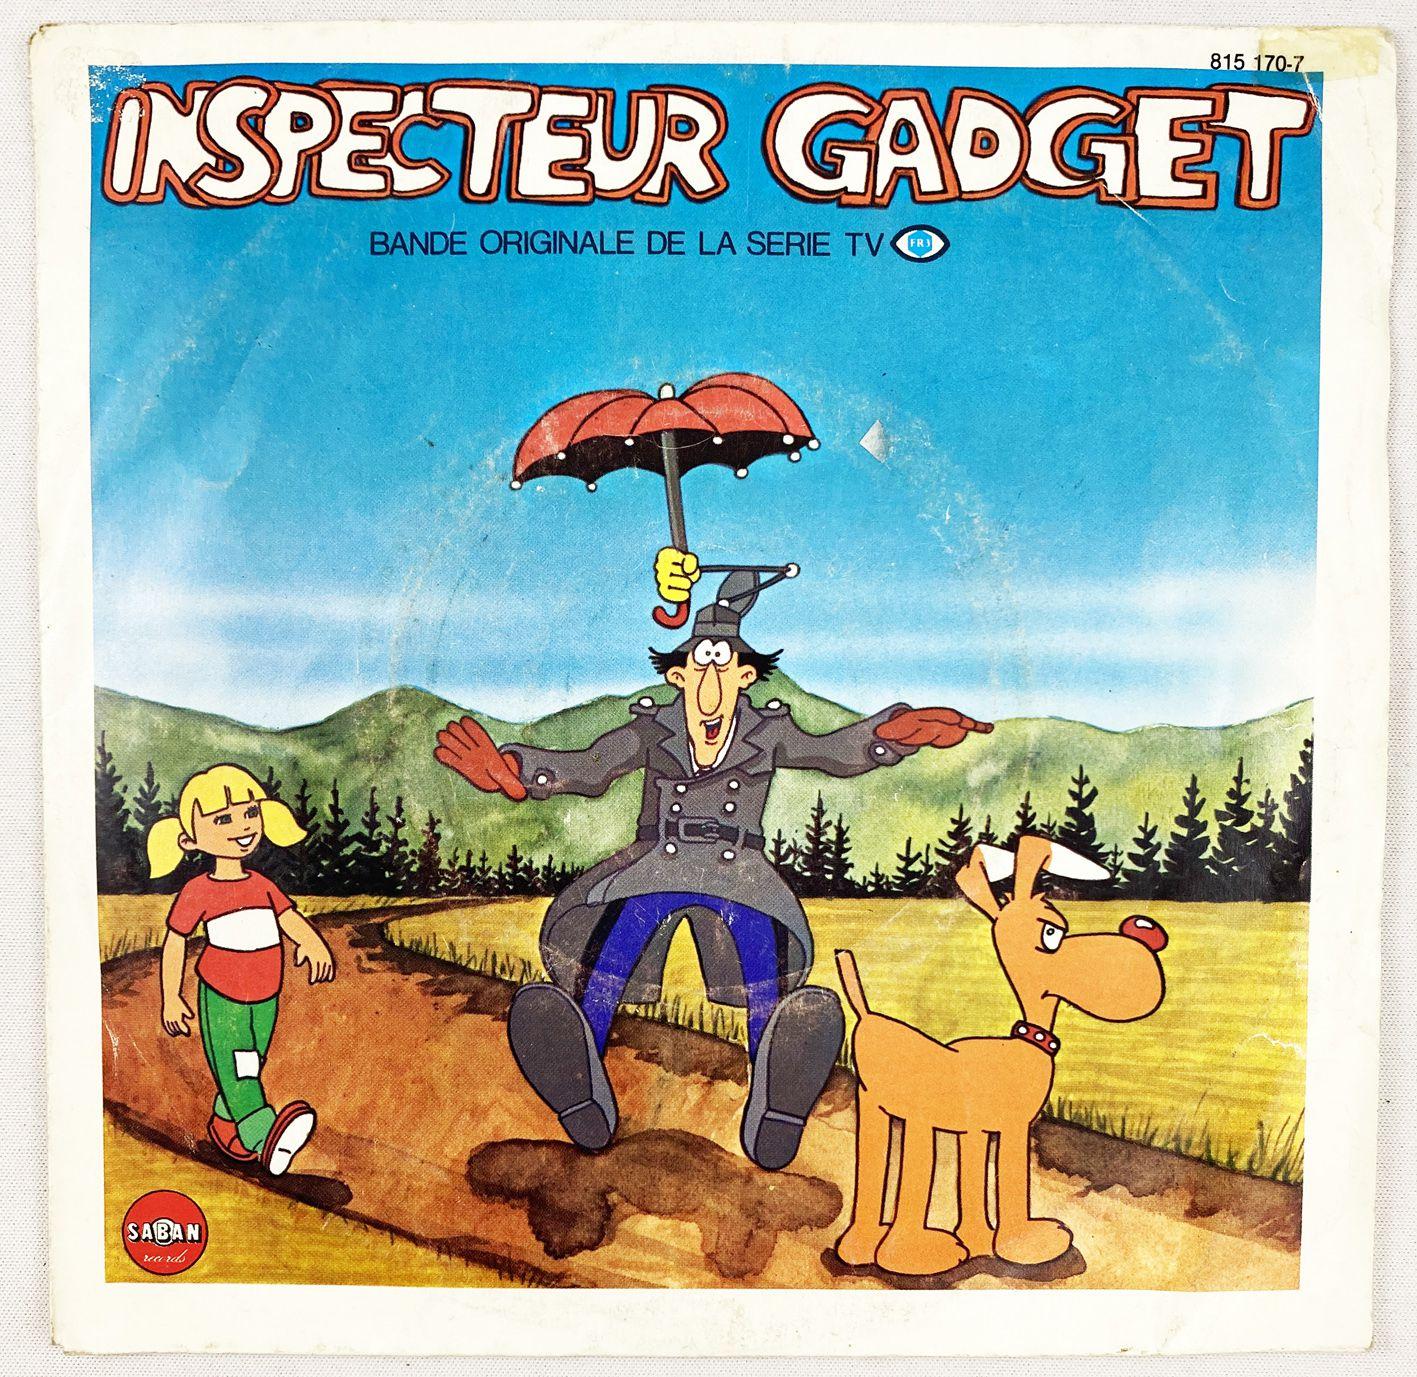 Inspecteur Gadget - Disque 45Tours - Bande originale de la série Tv - Saban Records 1983